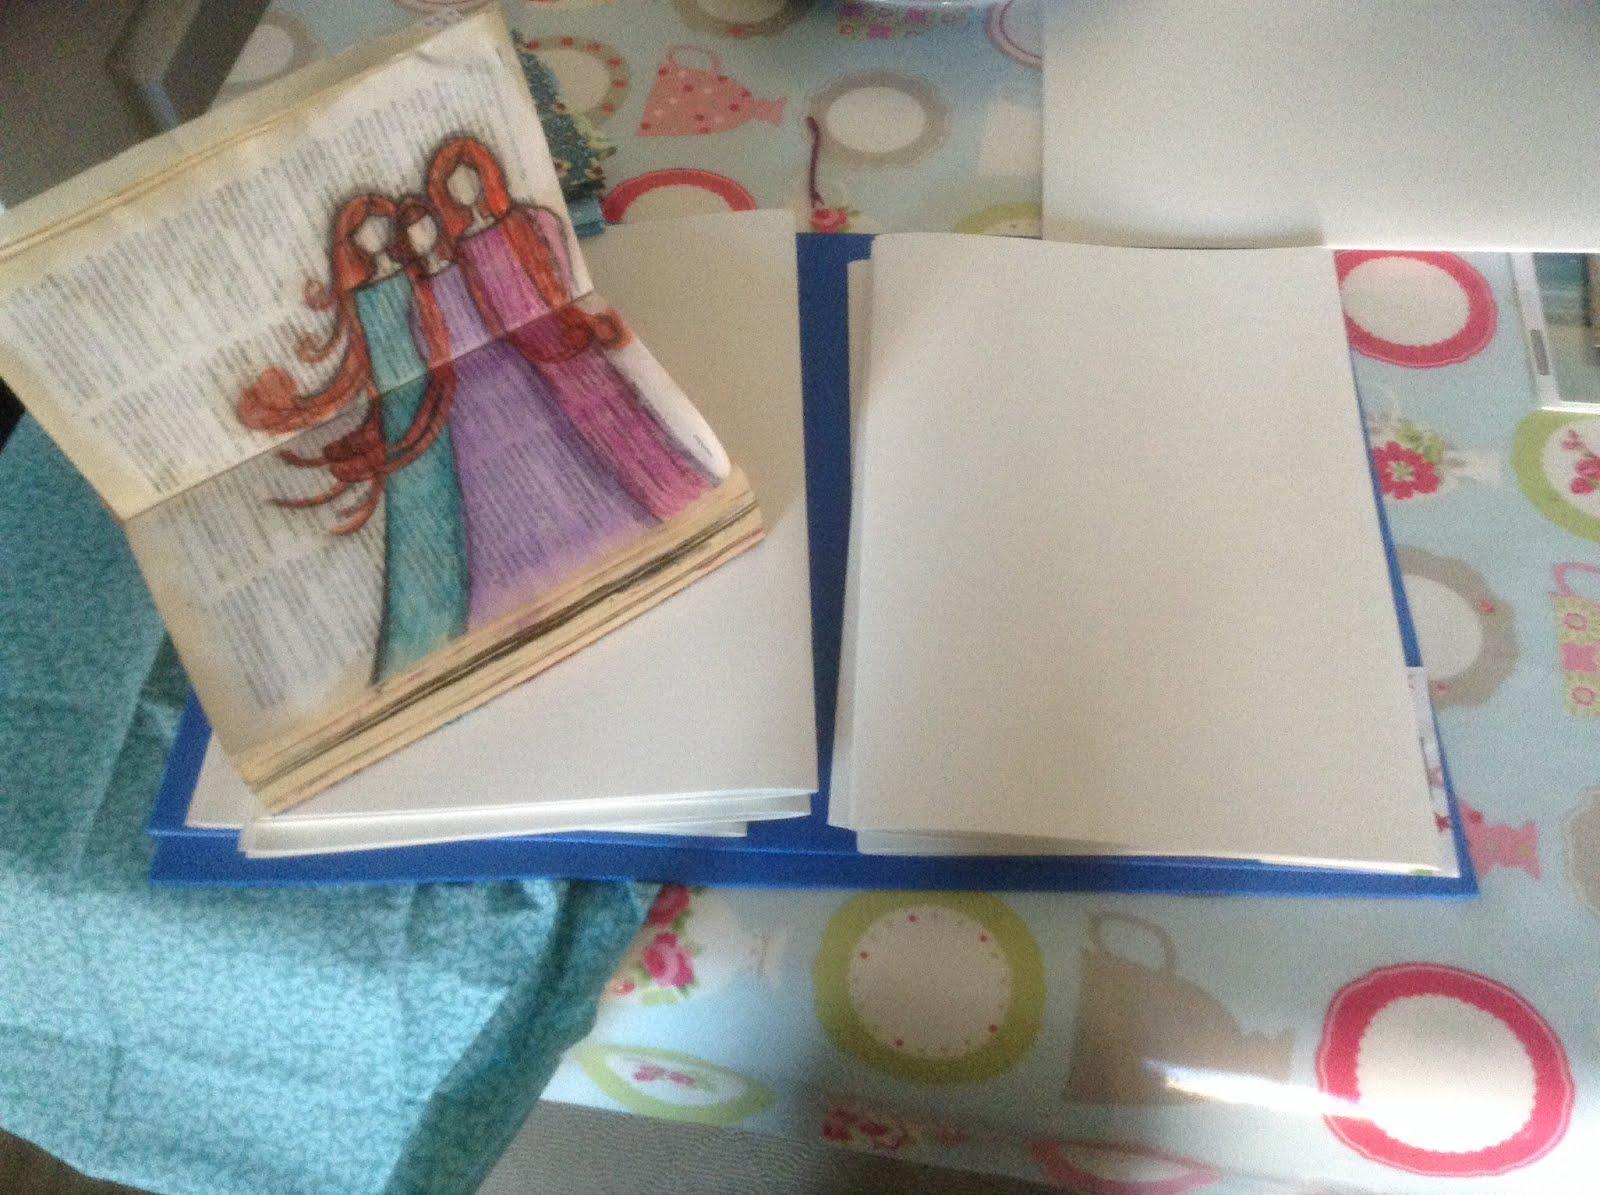 Radiant Art Journals II